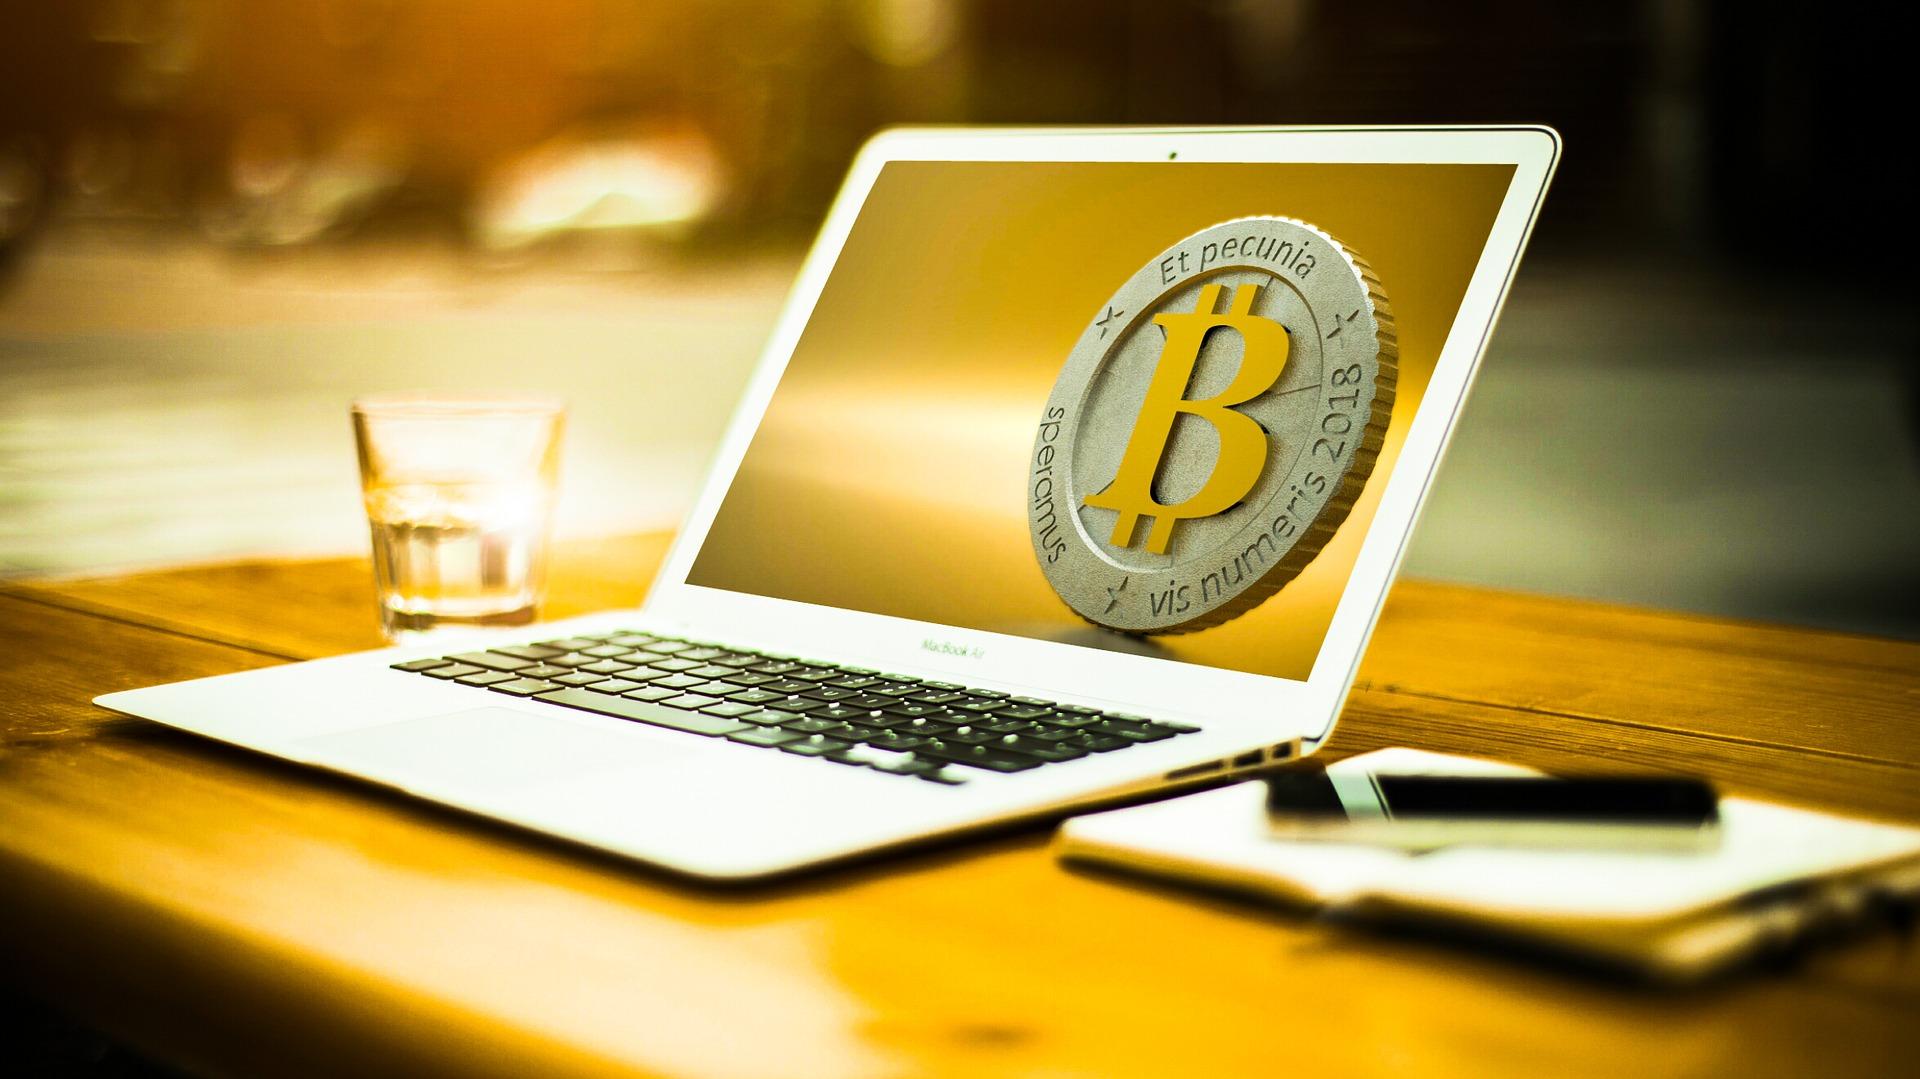 Leren hoe u Bitcoins kunt kopen met een volledige portemonnee